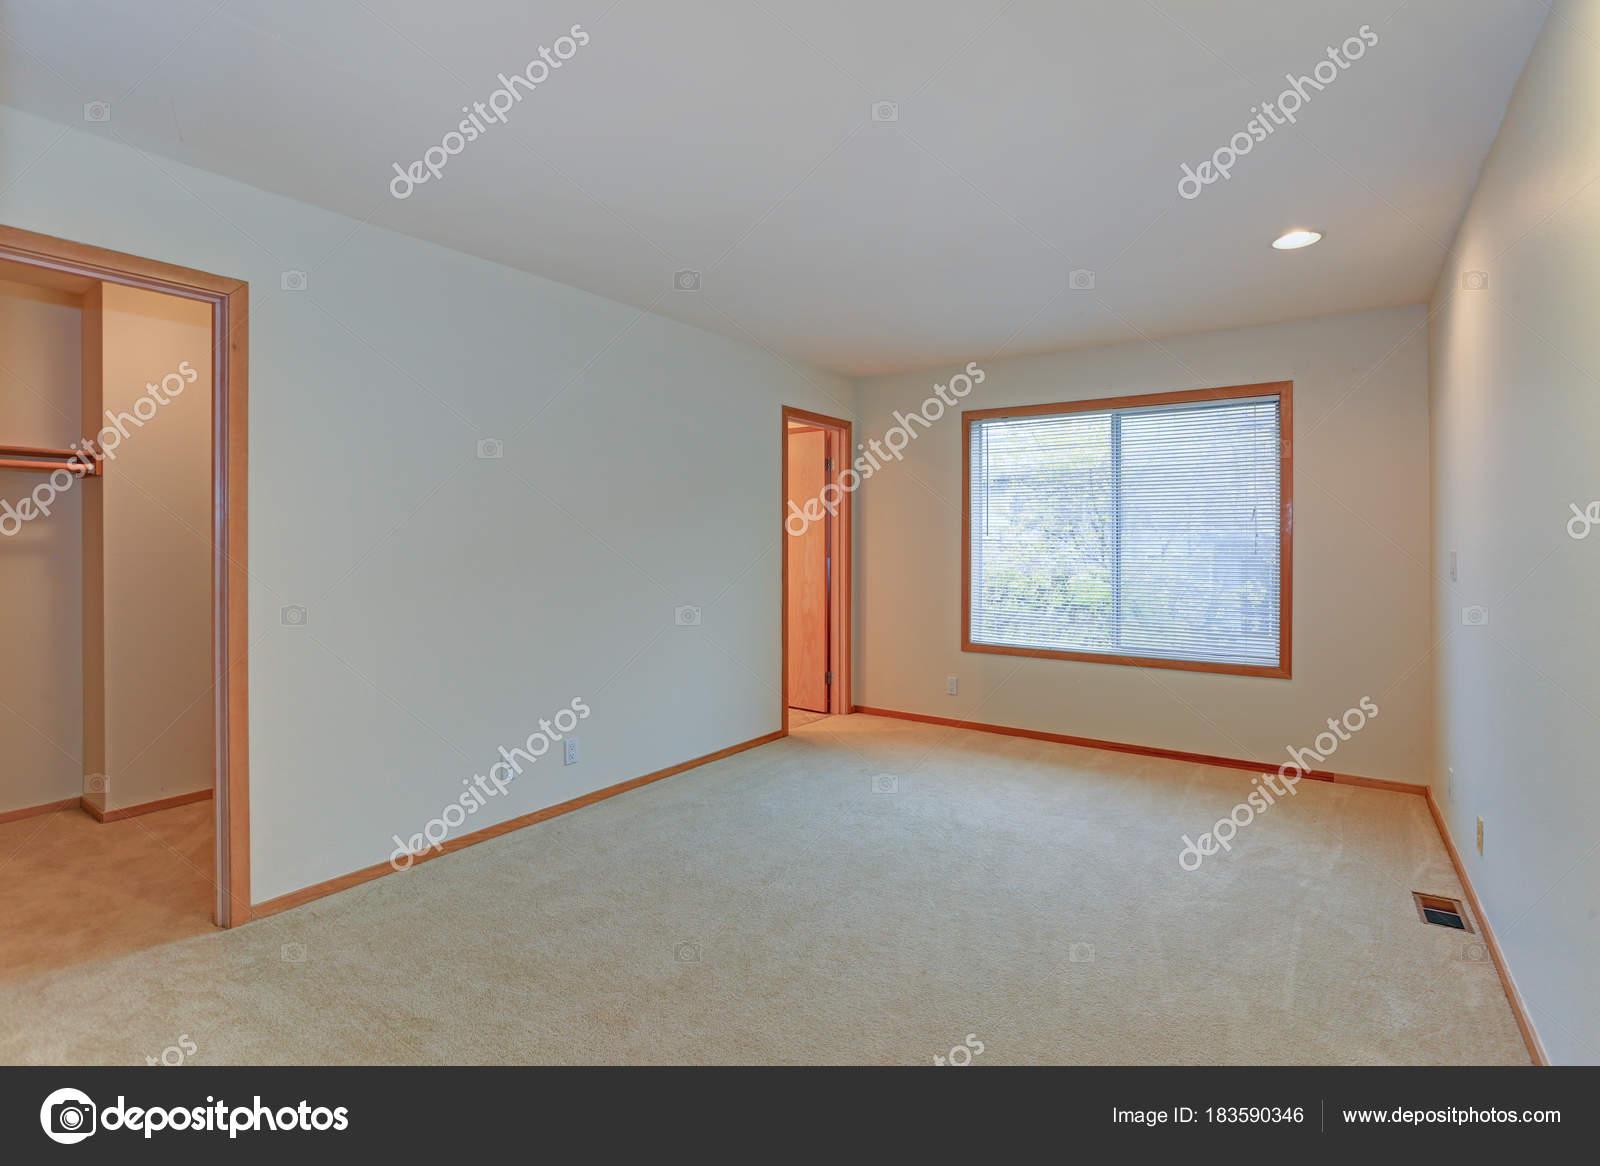 Pareti Bianche E Beige : Caratteristiche interne appartamento vuoto pareti bianche e